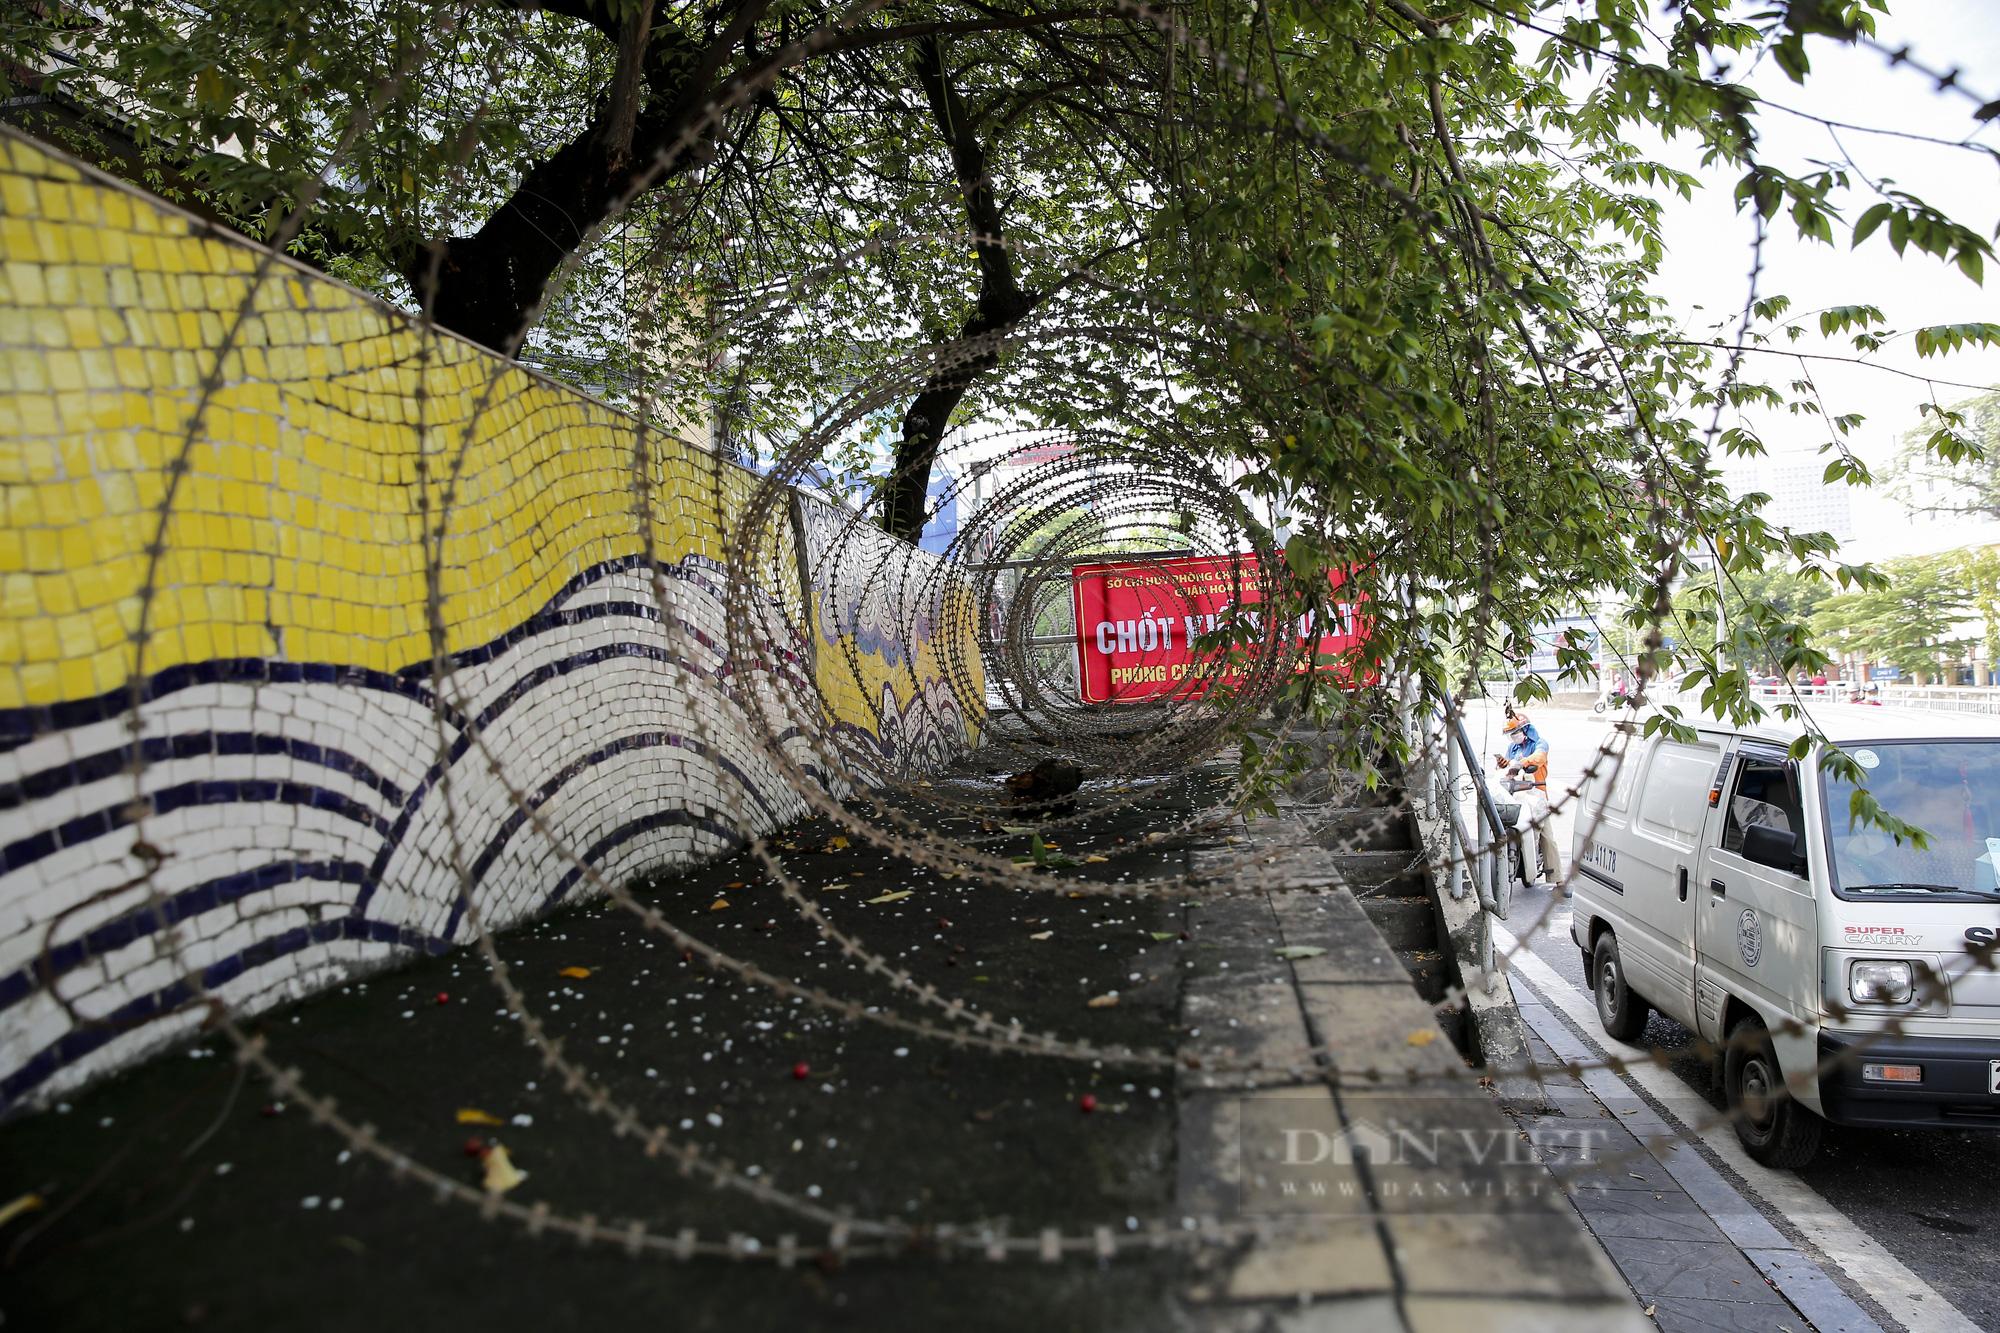 Hà Nội: Lập hàng rào dây thép gai tại khu vực phong tỏa để ngăn người vi phạm Chỉ thị cách ly - Ảnh 4.